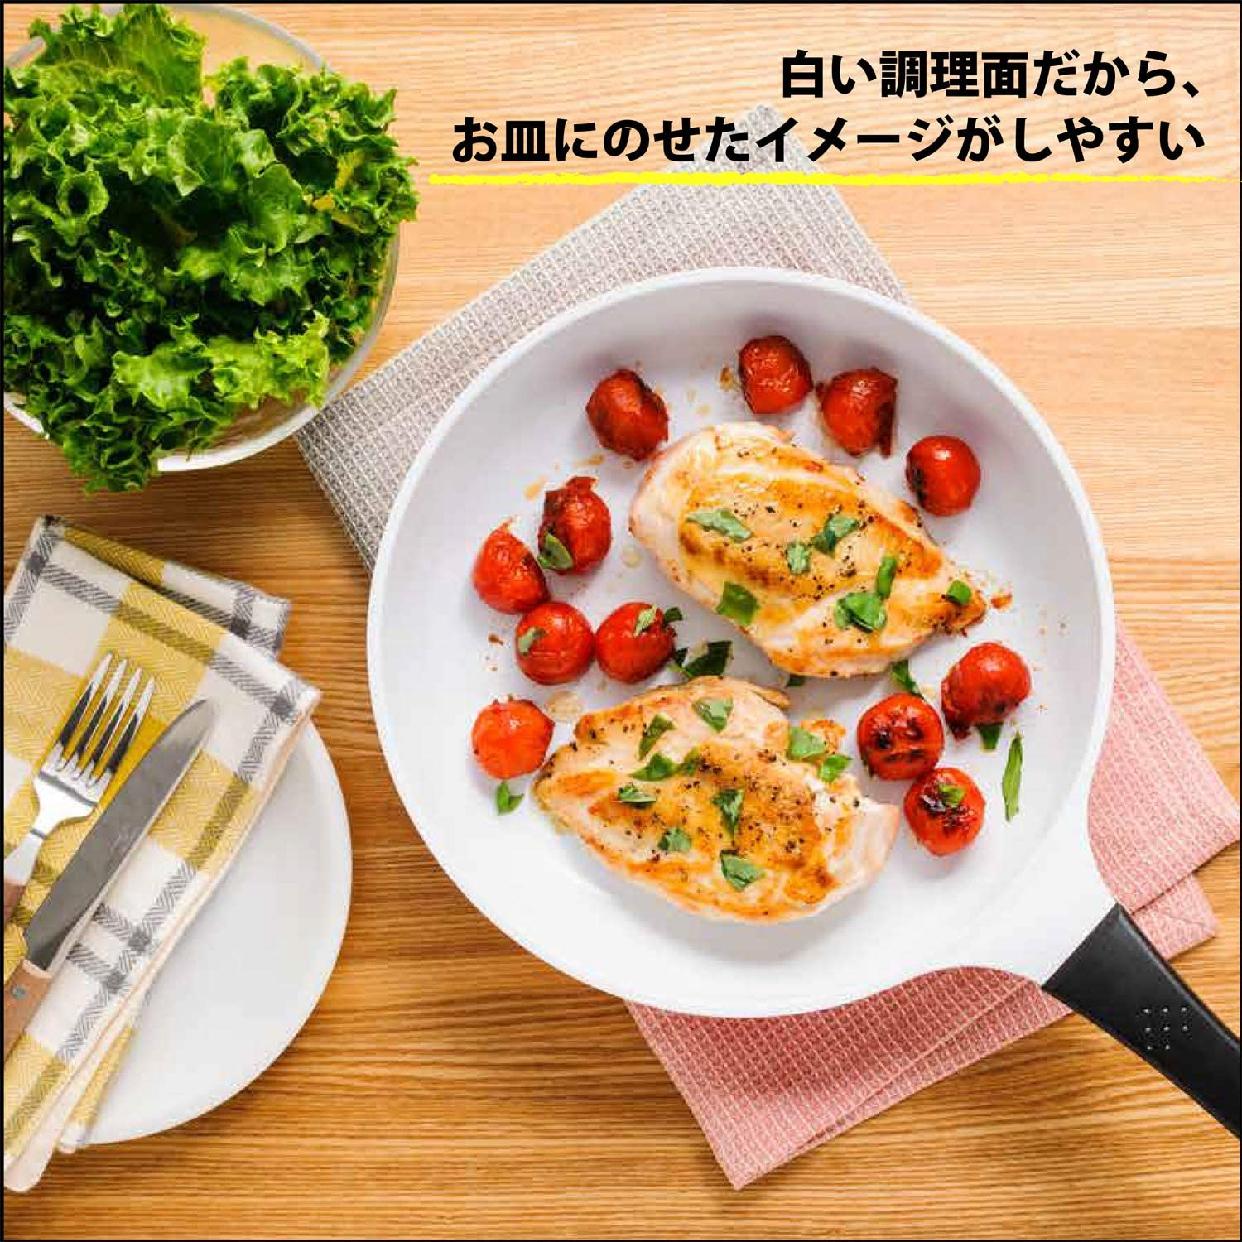 京セラ(KYOCERA) セラブリッド フライパンの商品画像3